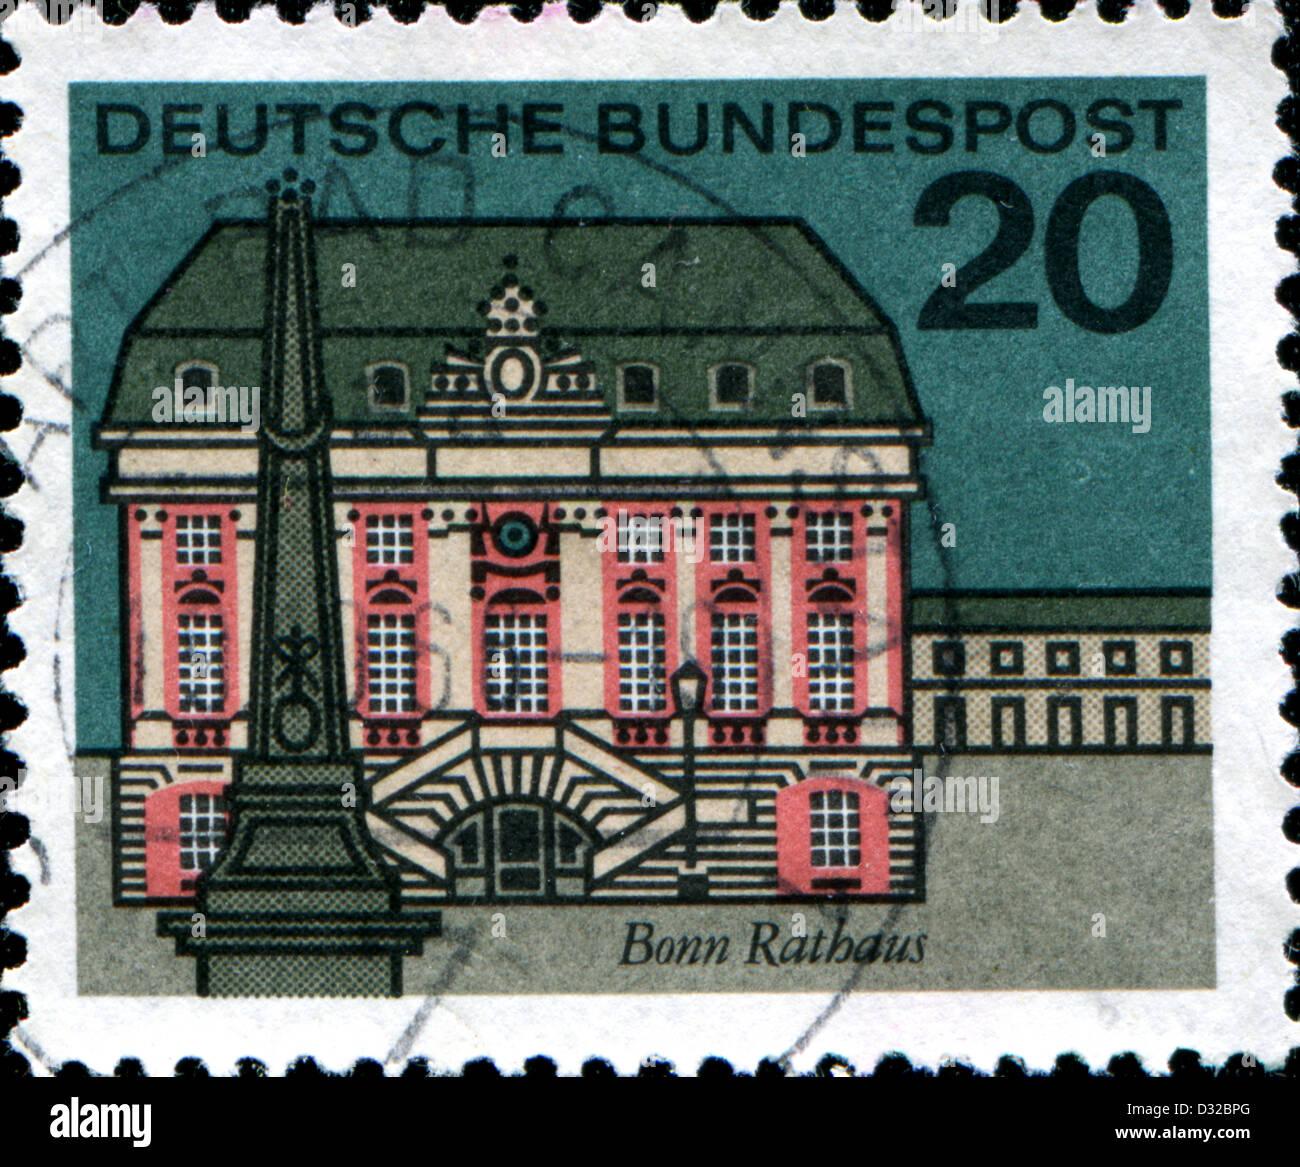 Deutschland Ca 1965 Eine Briefmarke Gedruckt In Deutschland